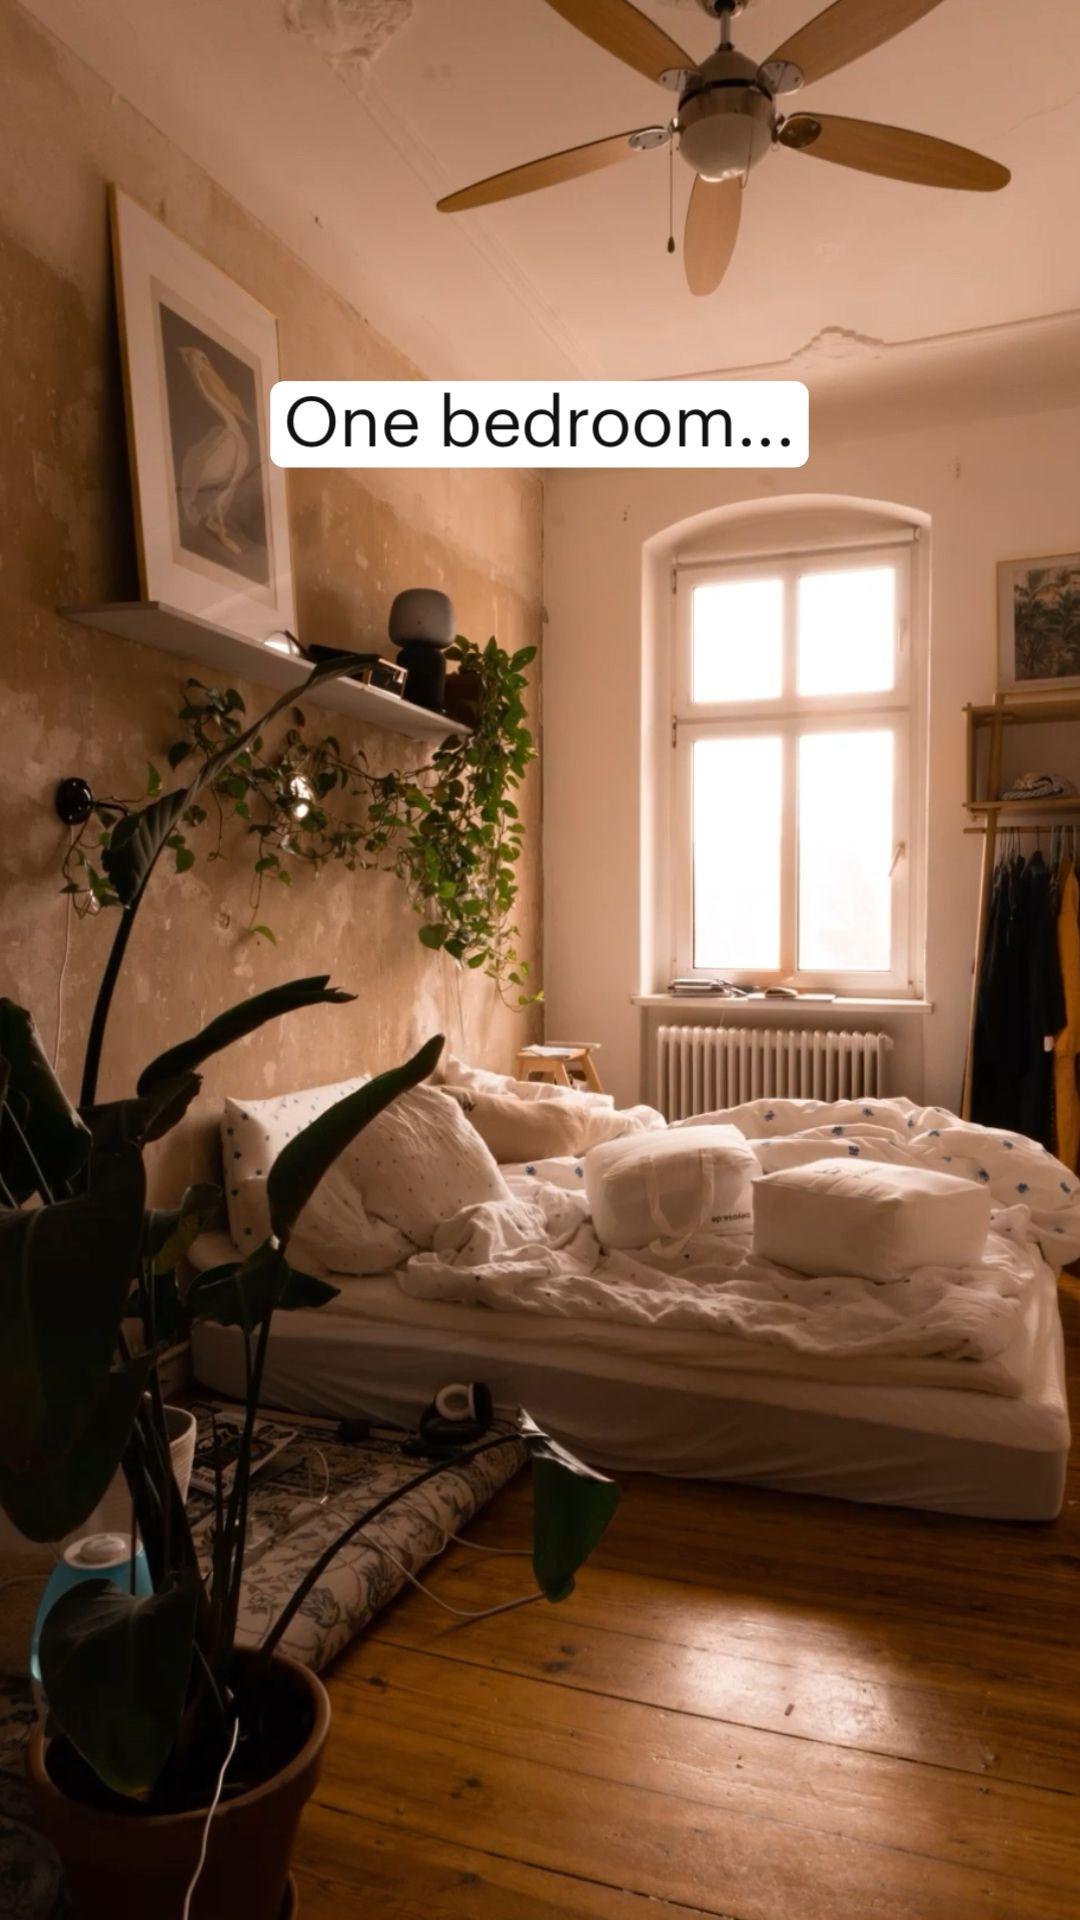 One bedroom...